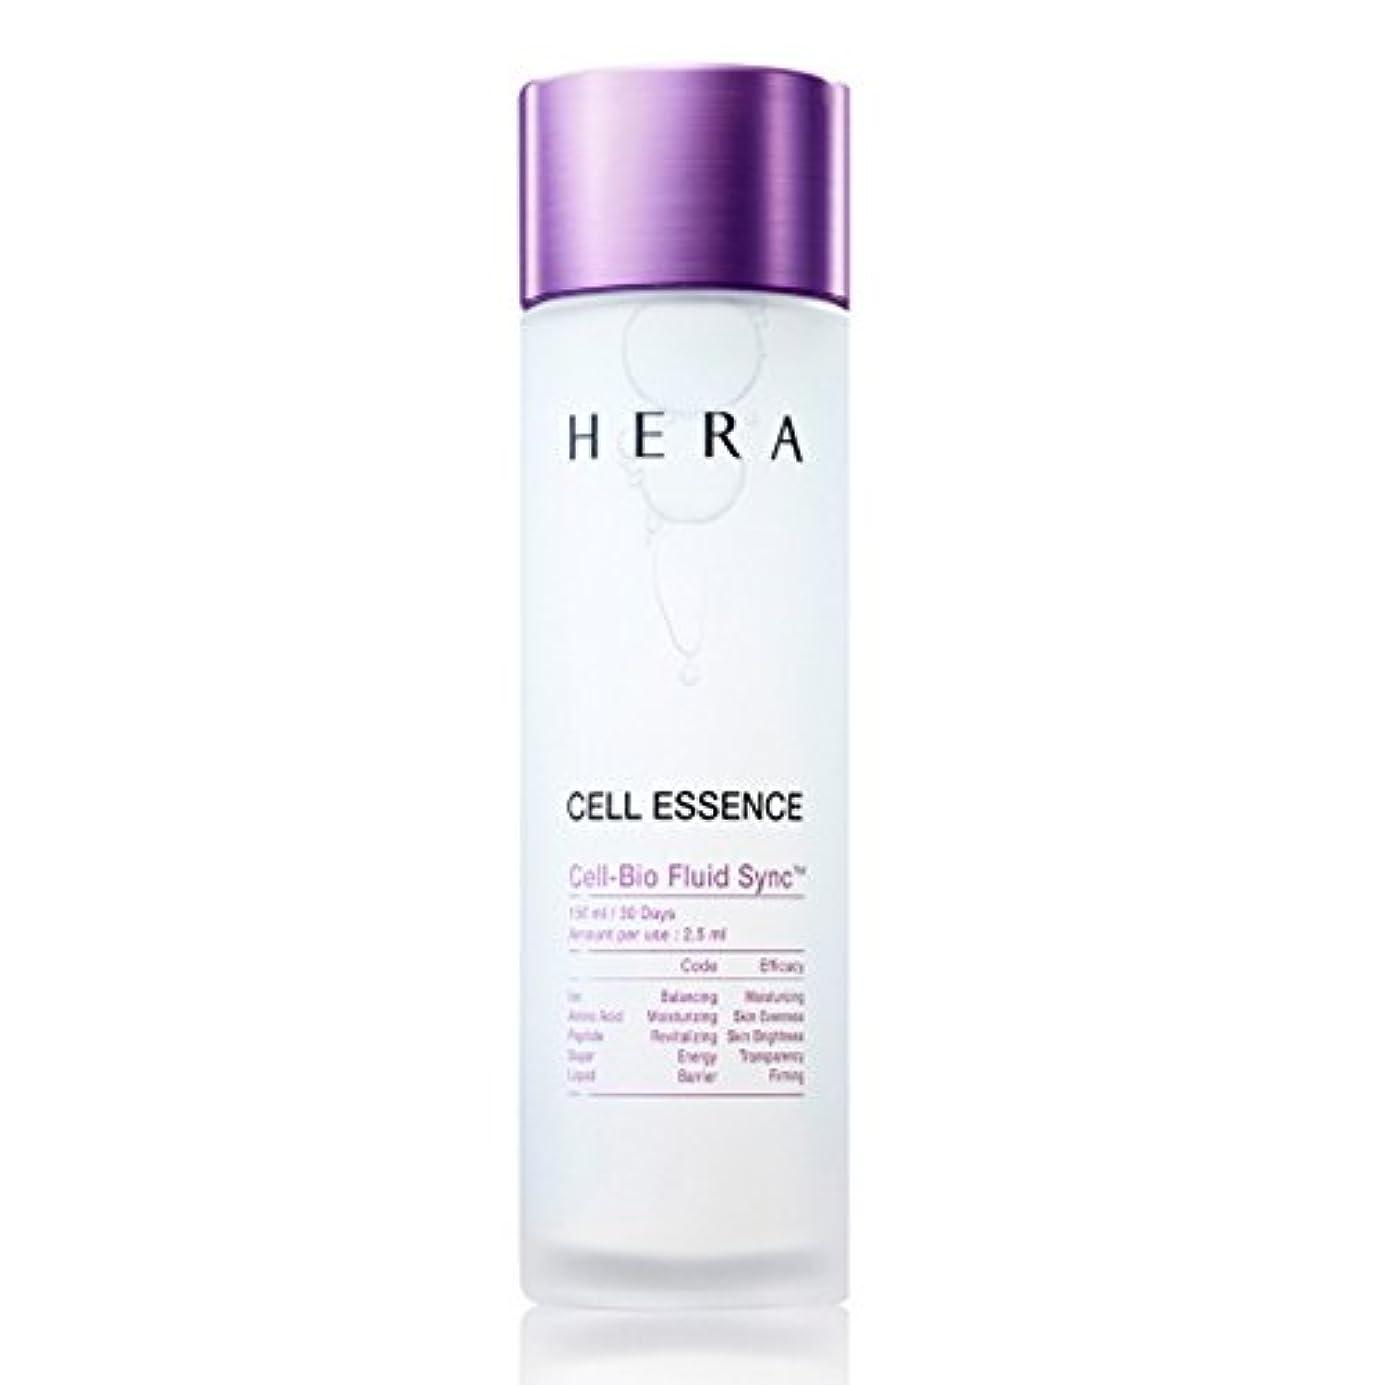 バリーコンテスト甘いヘラ/HERA CELL ESSENCE / セルエッセンス 225ml 美容液 (海外直送品)